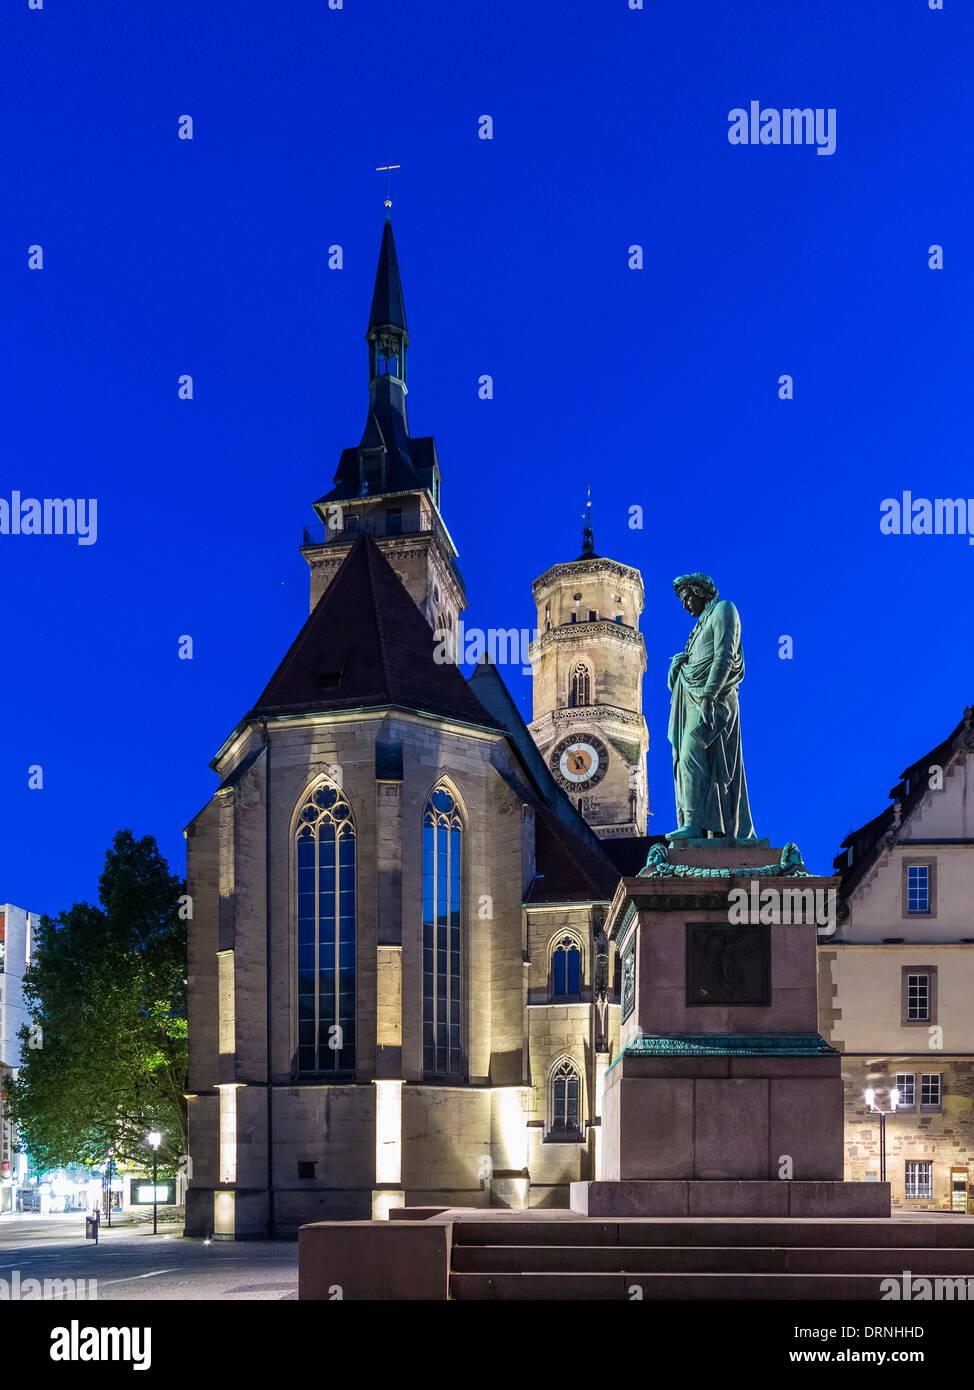 Schillerplatz Stuttgart Germany Stockfotos  Schillerplatz